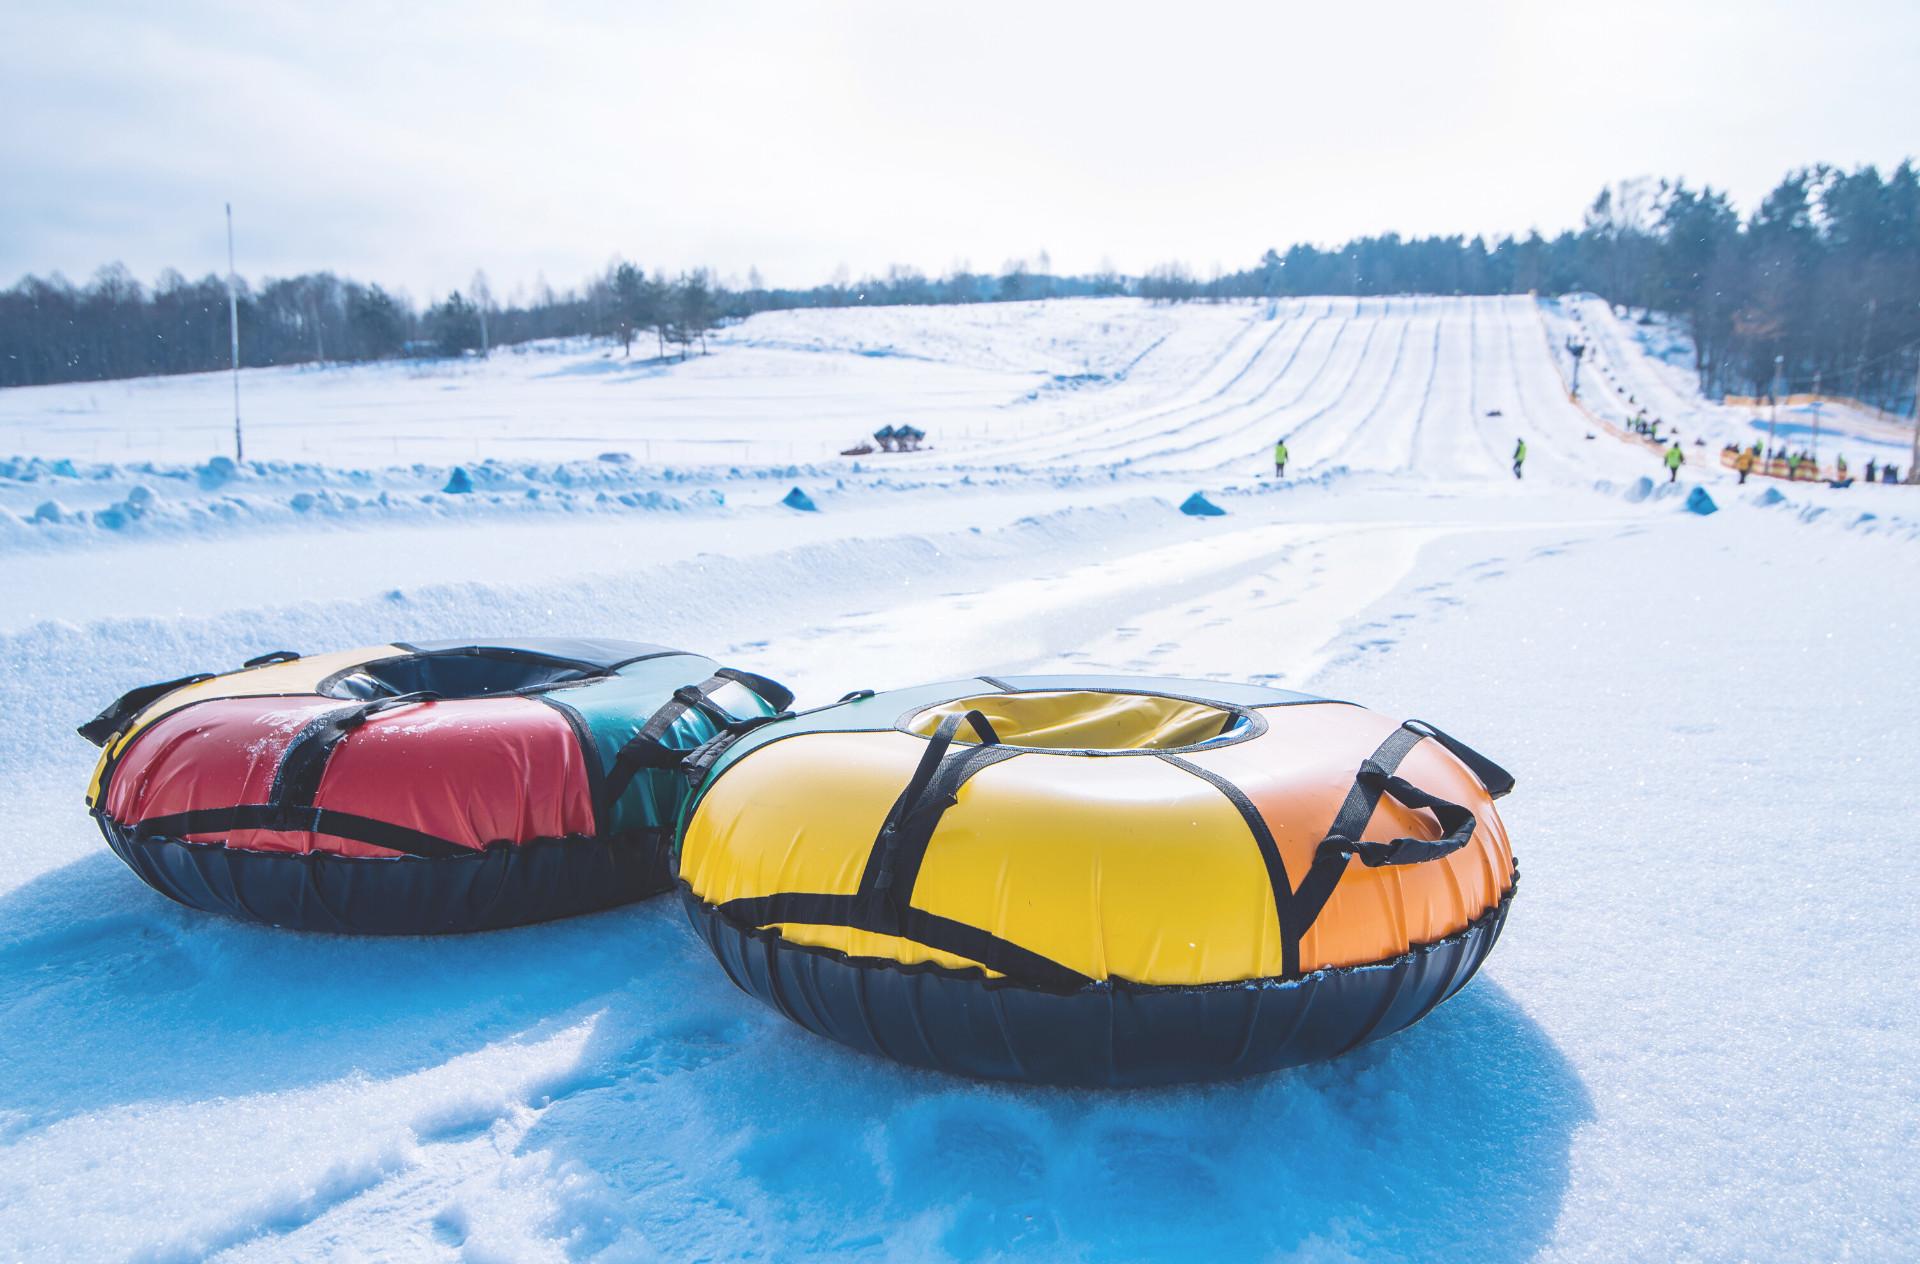 Winter Activities In Pittsburgh  Winter Activities In Pittsburgh Real Estate